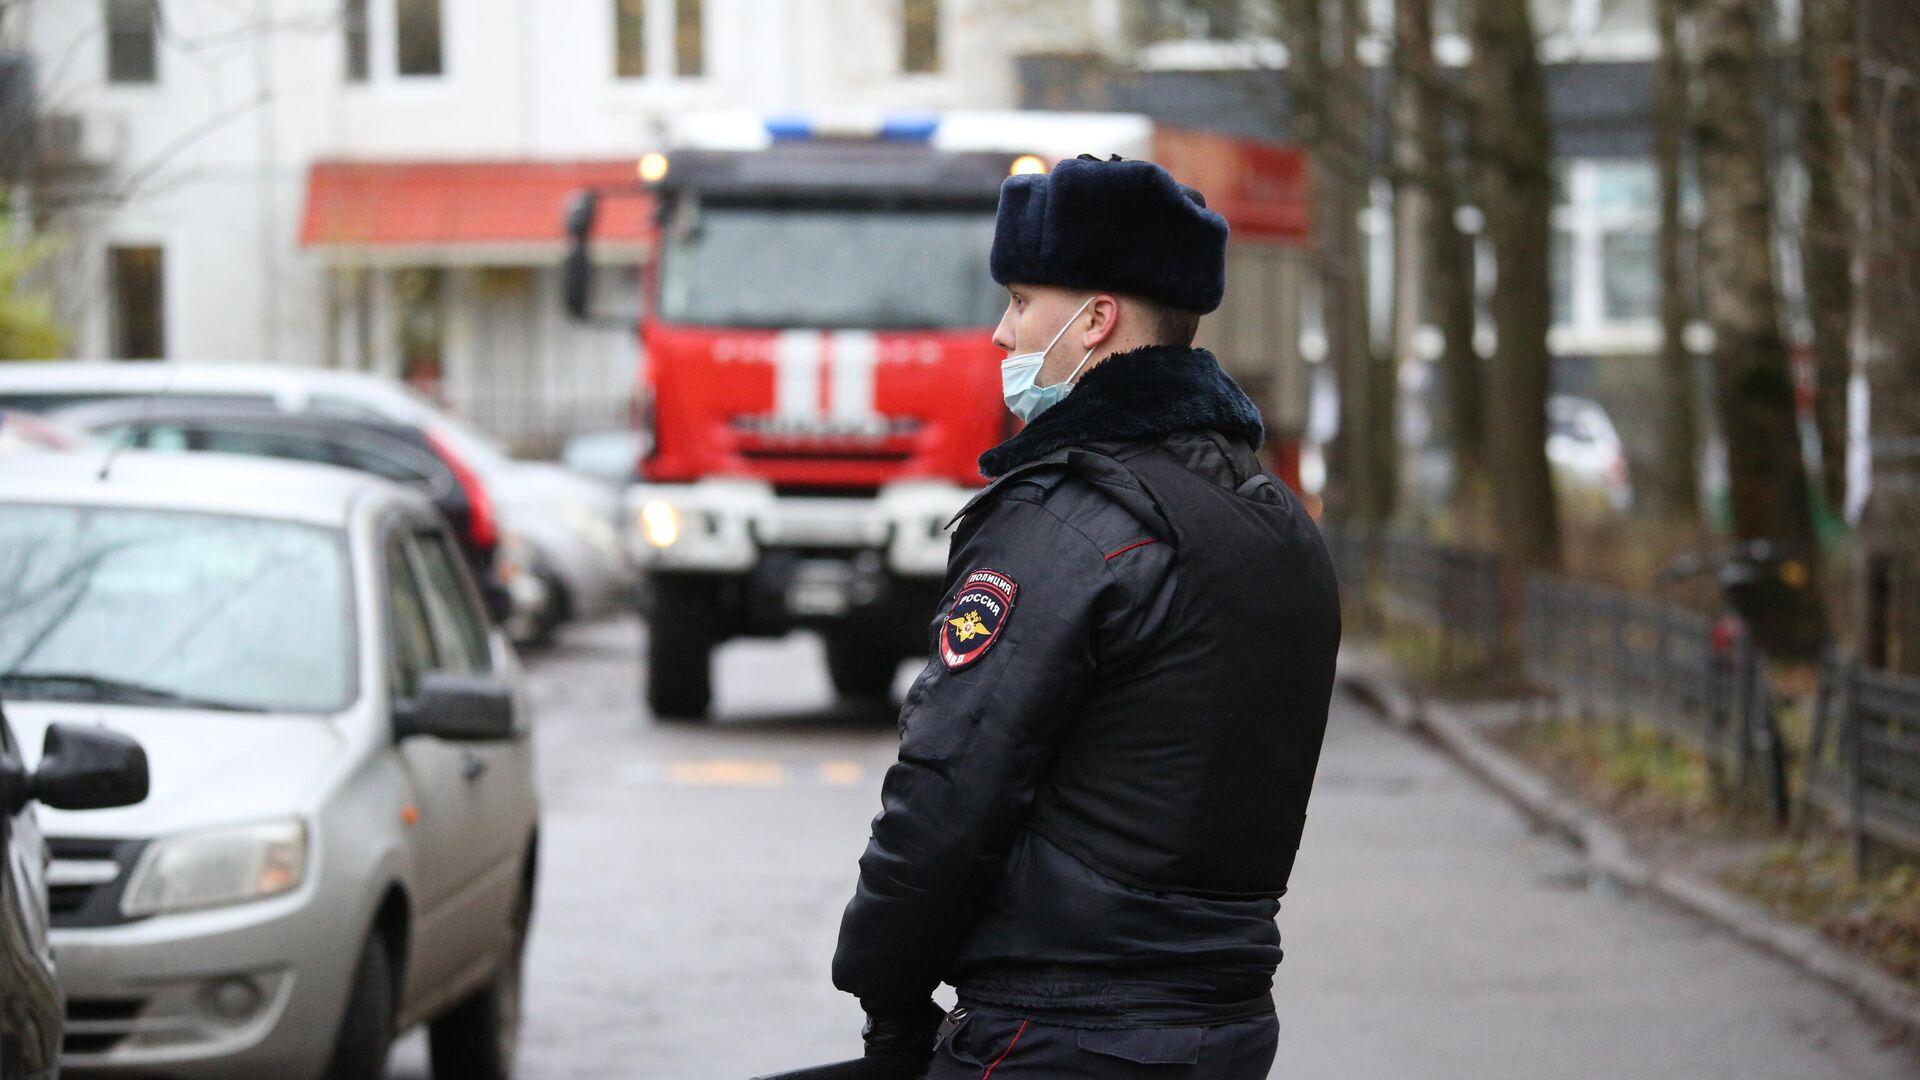 Пожар площадью 2000 квадратных метров ликвидируют в Санкт-Петербурге